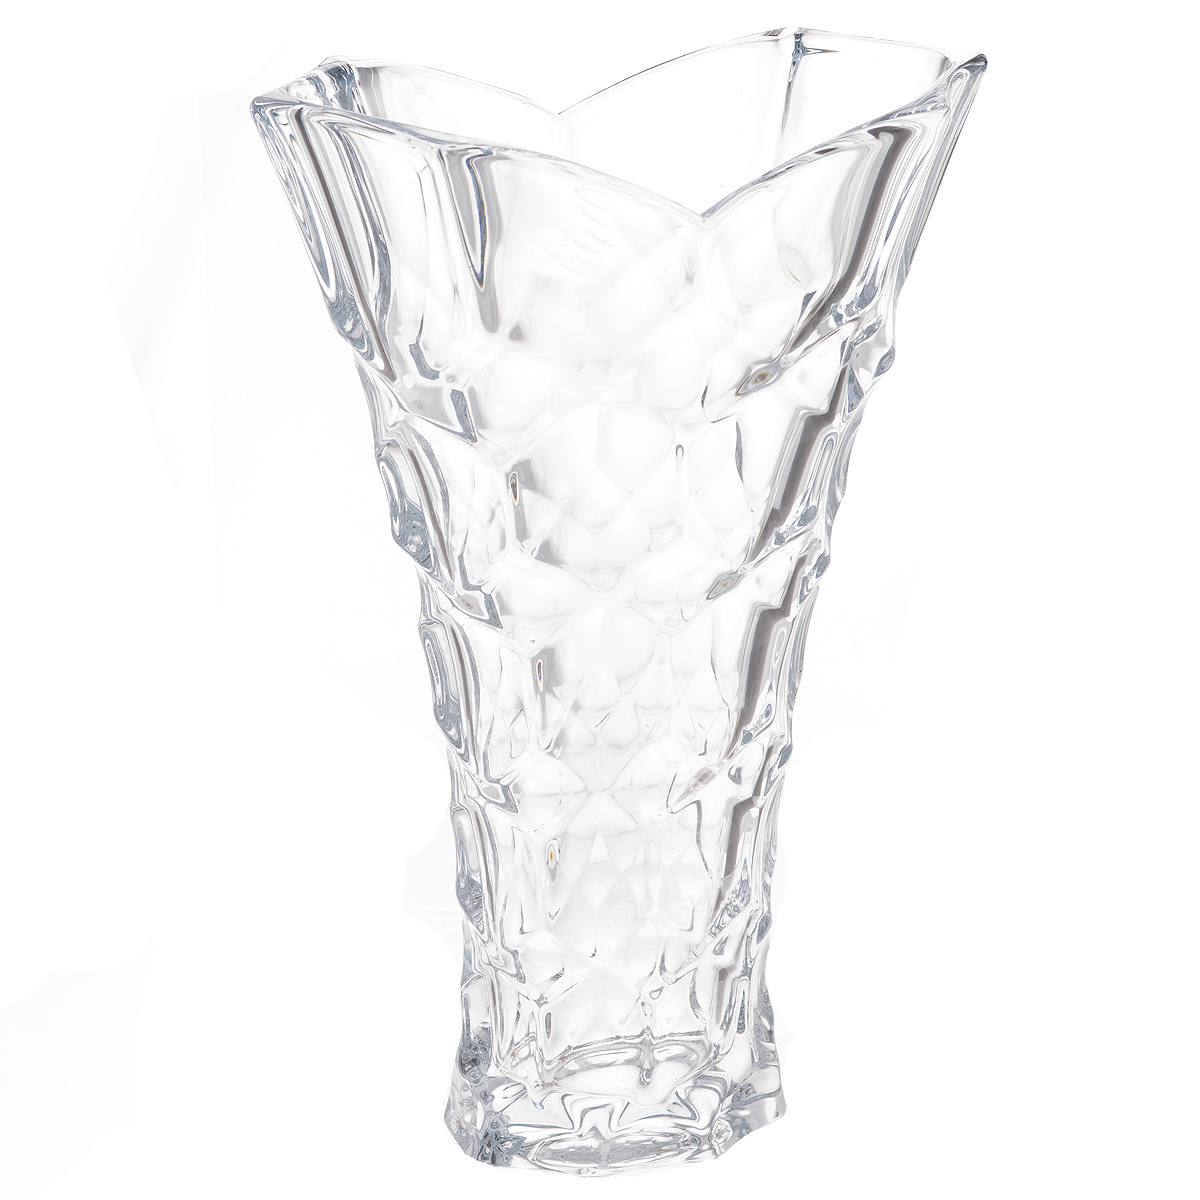 Ваза Crystalite Bohemia Медовые соты, высота 35,5 см106850Изящная ваза Crystalite Bohemia Медовые соты изготовлена из прочного утолщенного стекла кристалайт. Она красиво переливается и излучает приятный блеск. Ваза оснащена оригинальным рельефным орнаментом, напоминающим соты, и неровными краями, что делает ее изящным украшением интерьера. Ваза Crystalite Bohemia Медовые сотыл дополнит интерьер офиса или дома и станет желанным и стильным подарком.